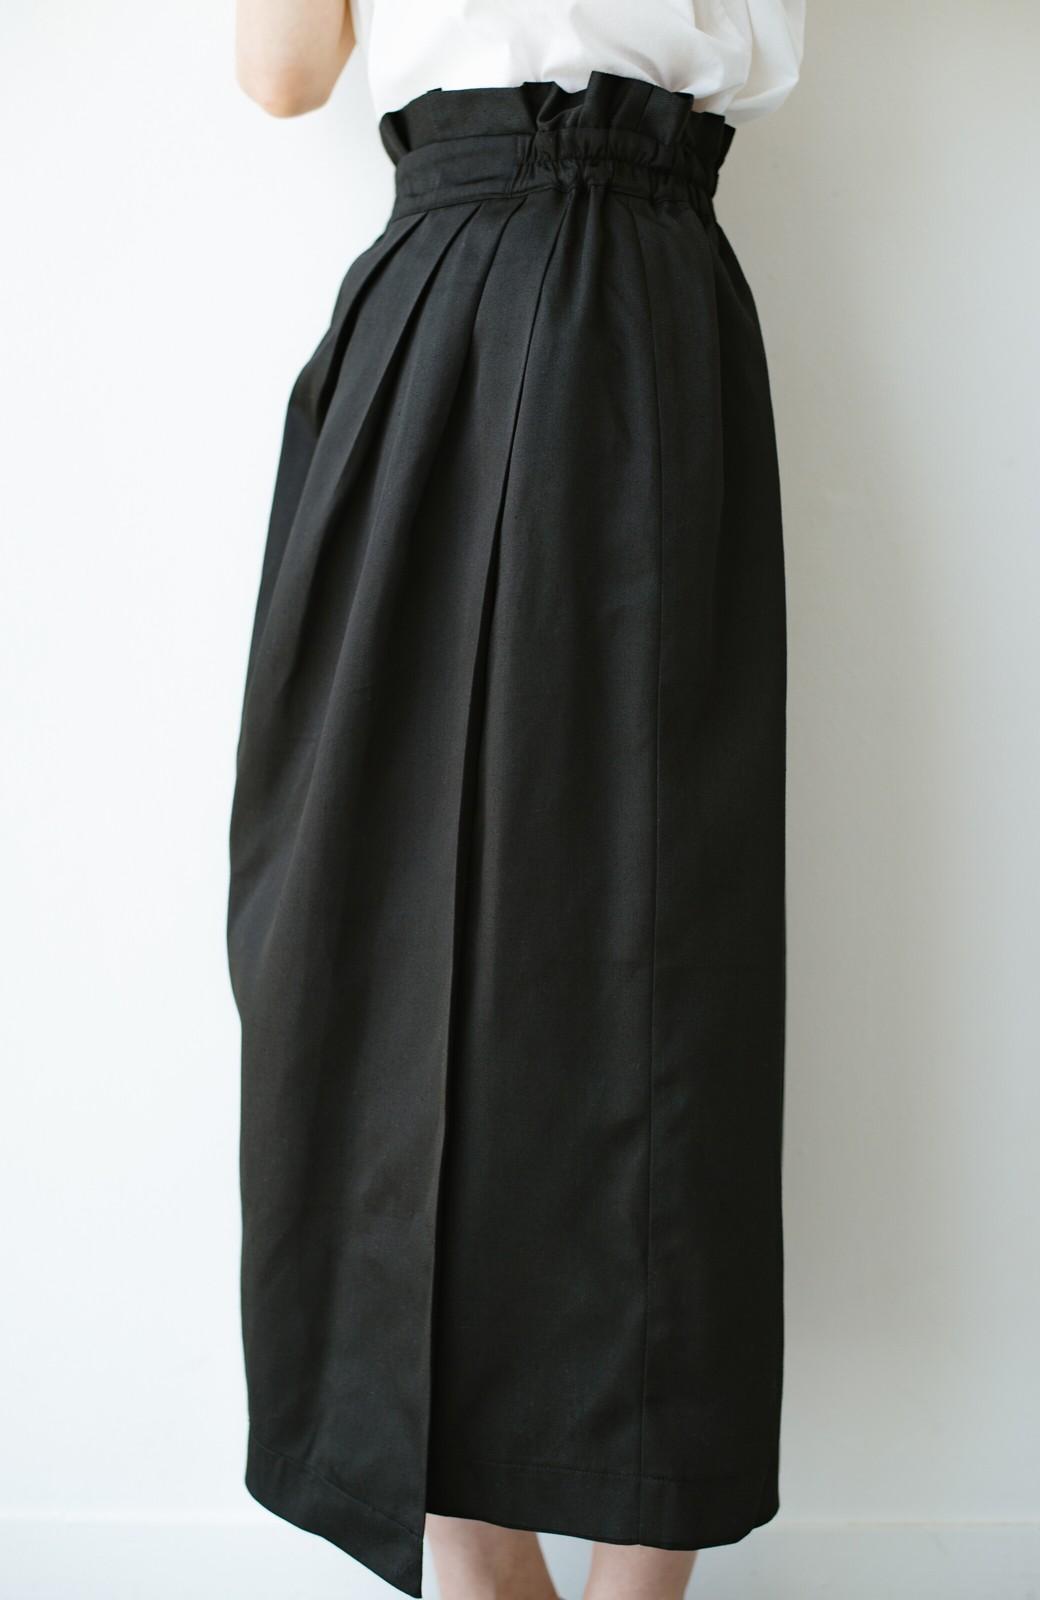 haco! 女の子バンザイ!プロジェクト【キラキラ期】華やかになるなら今だ!女っぽタックスカート <ブラック>の商品写真7